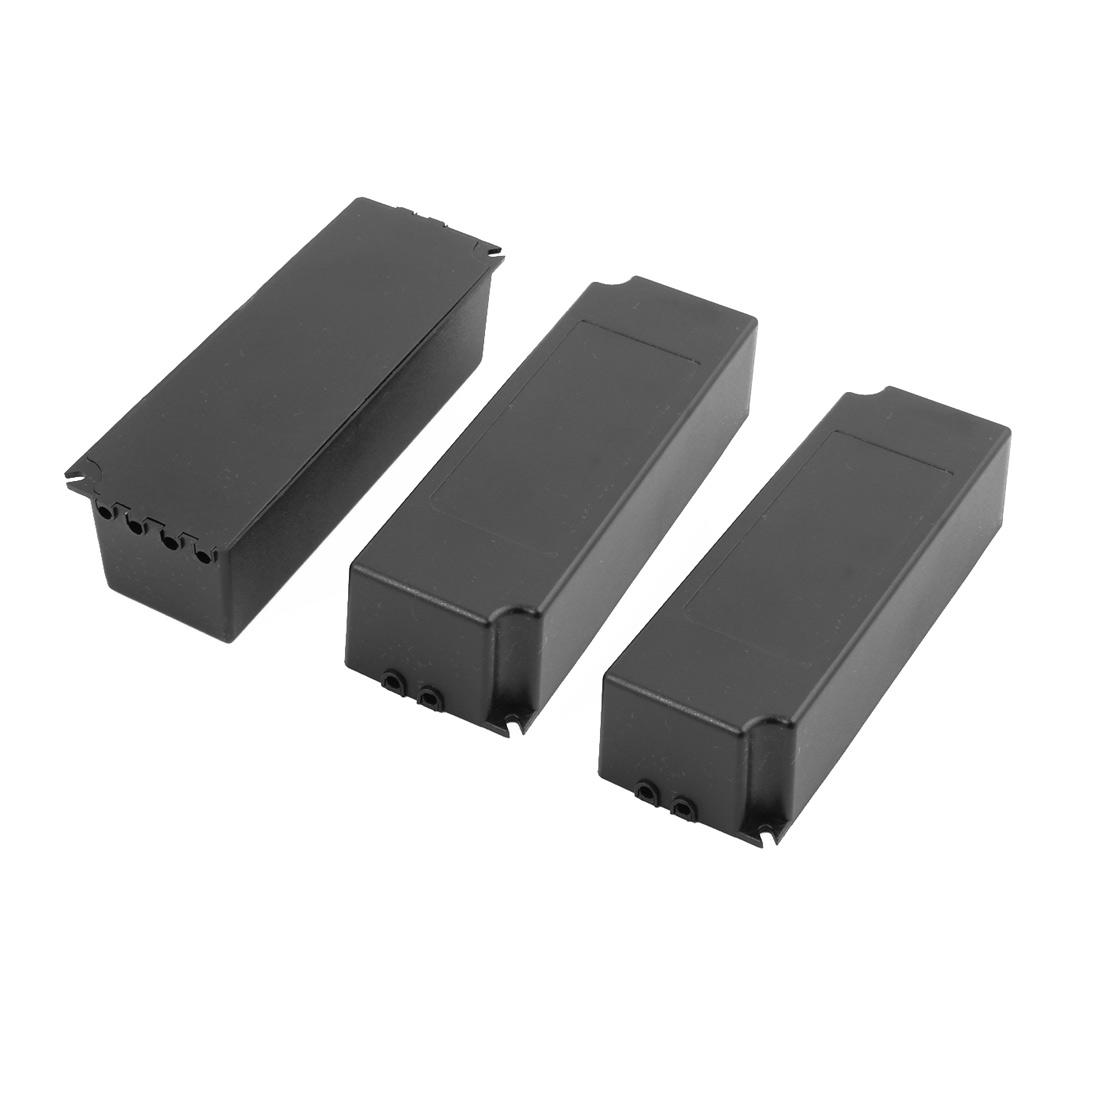 3pcs Bo tier de raccordement XG150 150x52x37mm Bo tier ignifuge PC pour LED Driver - image 3 de 3